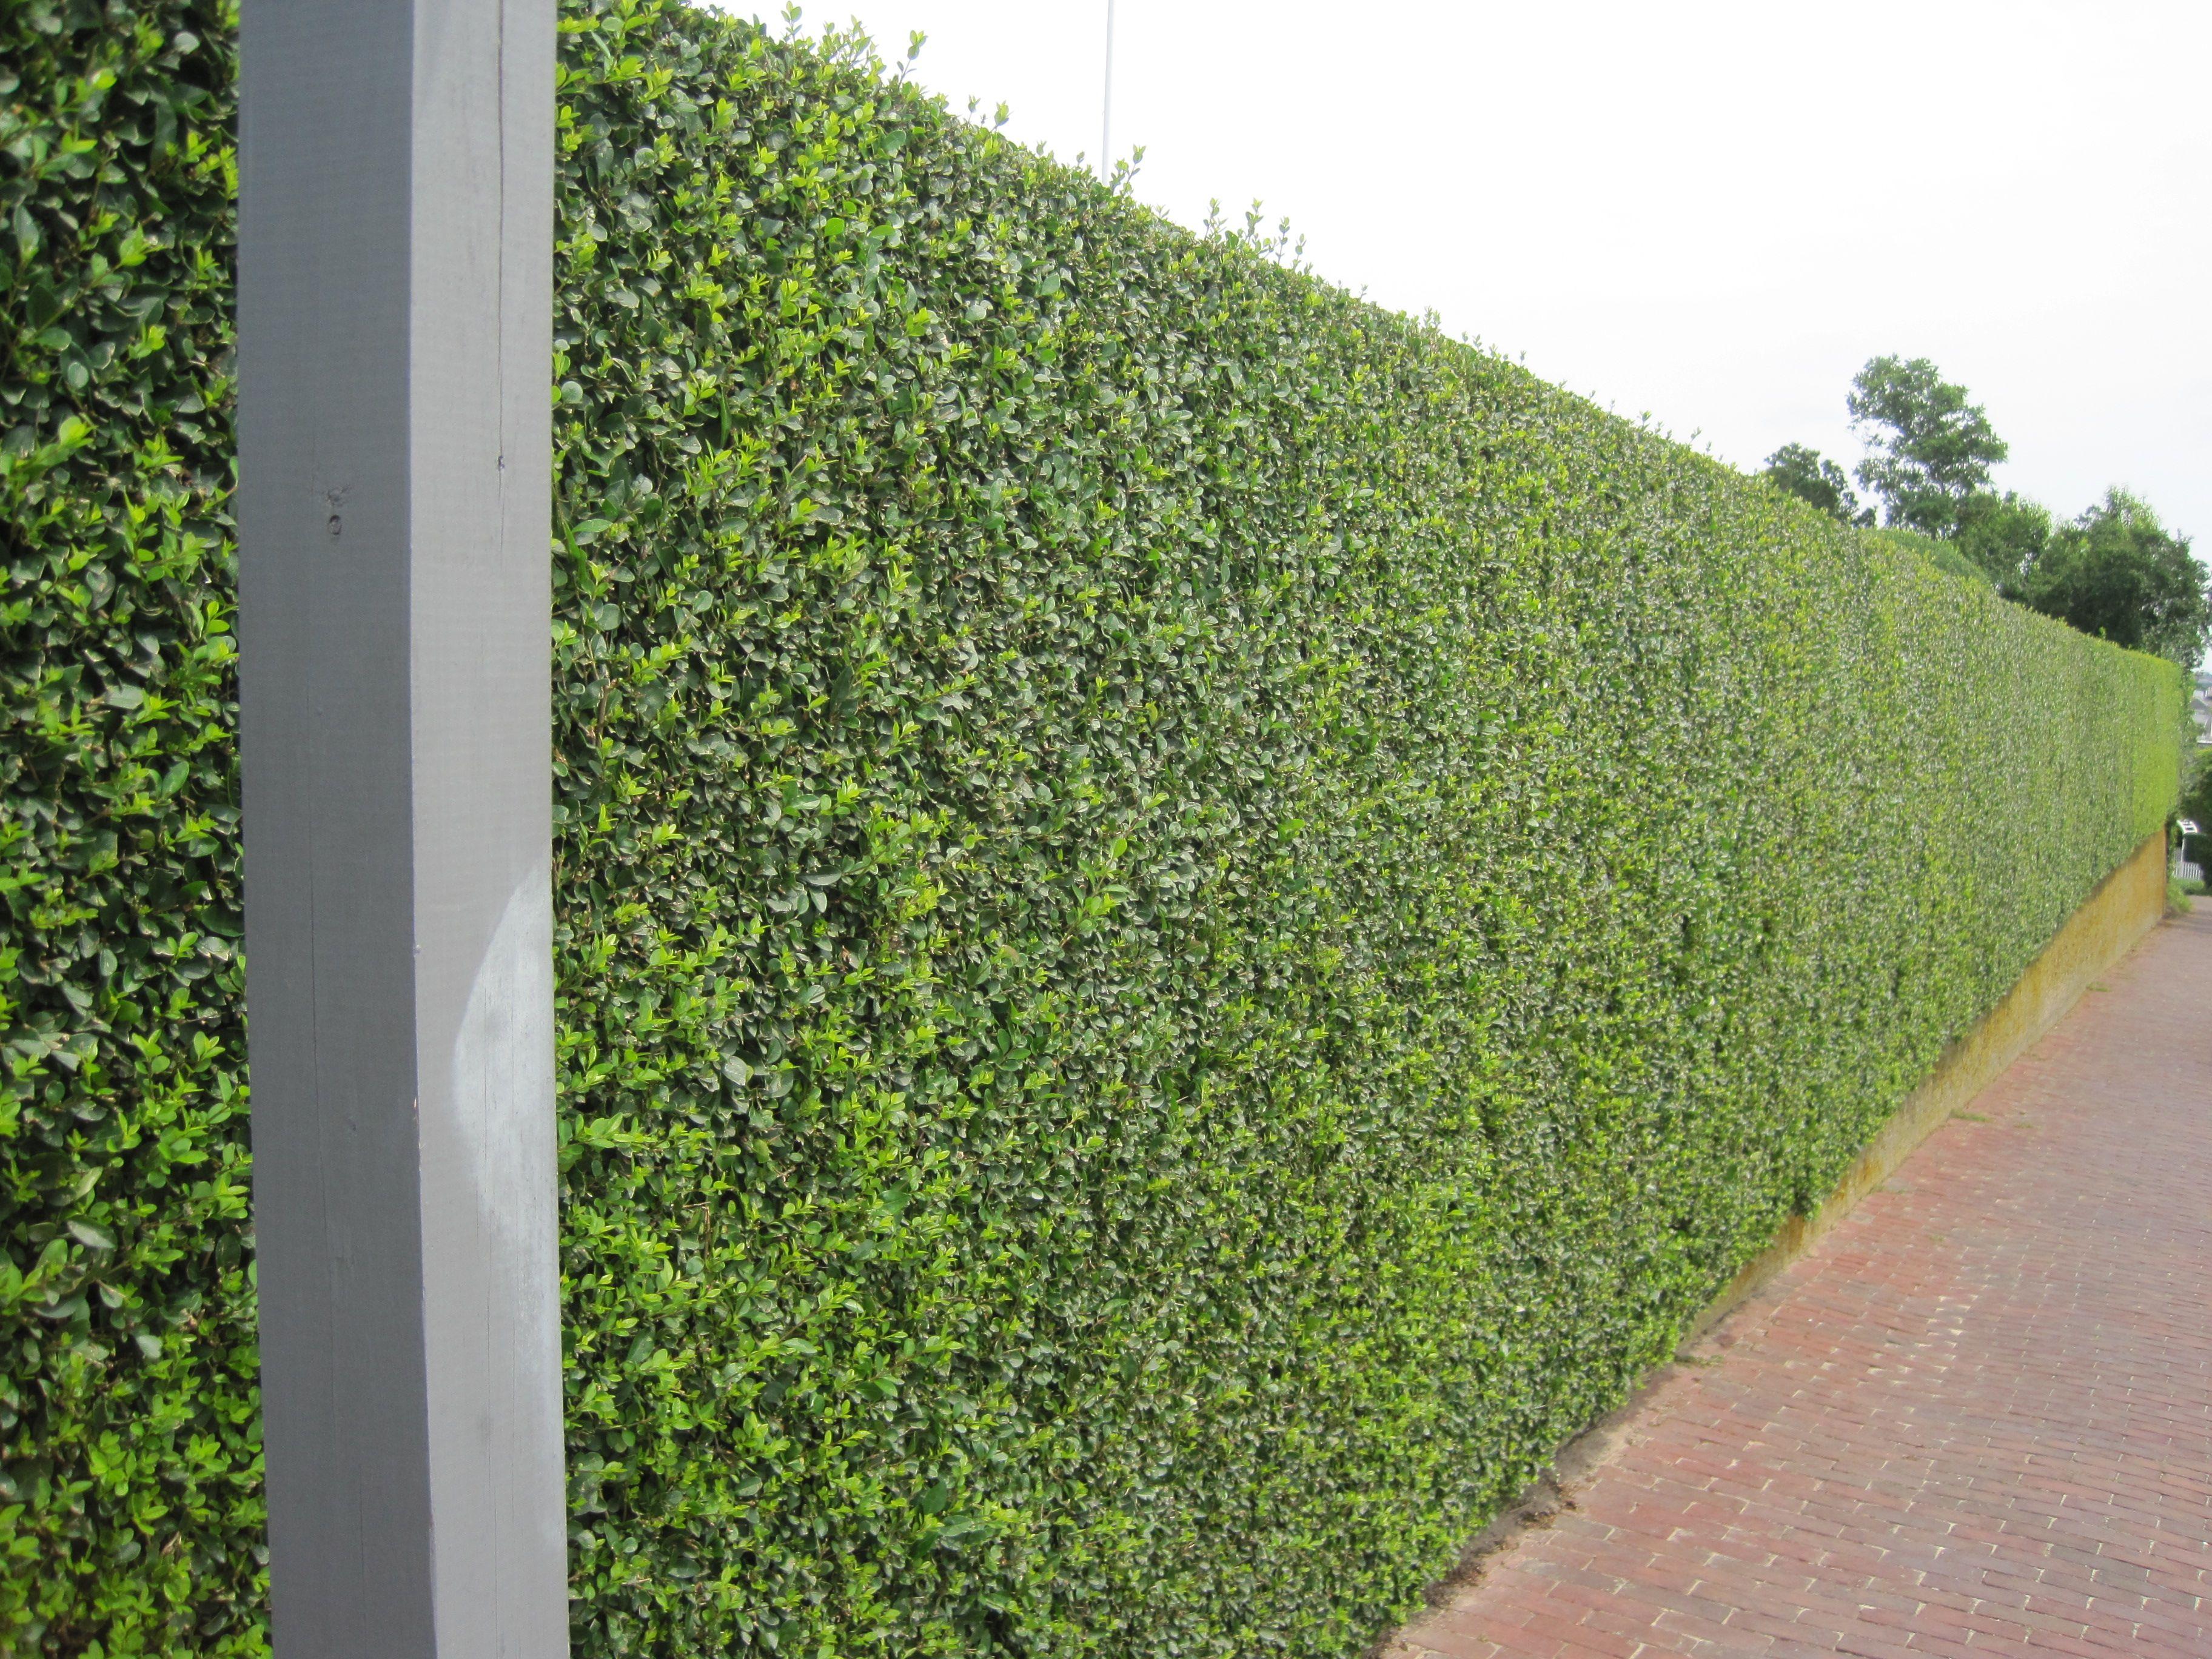 Privet Hedges Hedges Landscaping Arizona Backyard Landscaping Privacy Landscaping